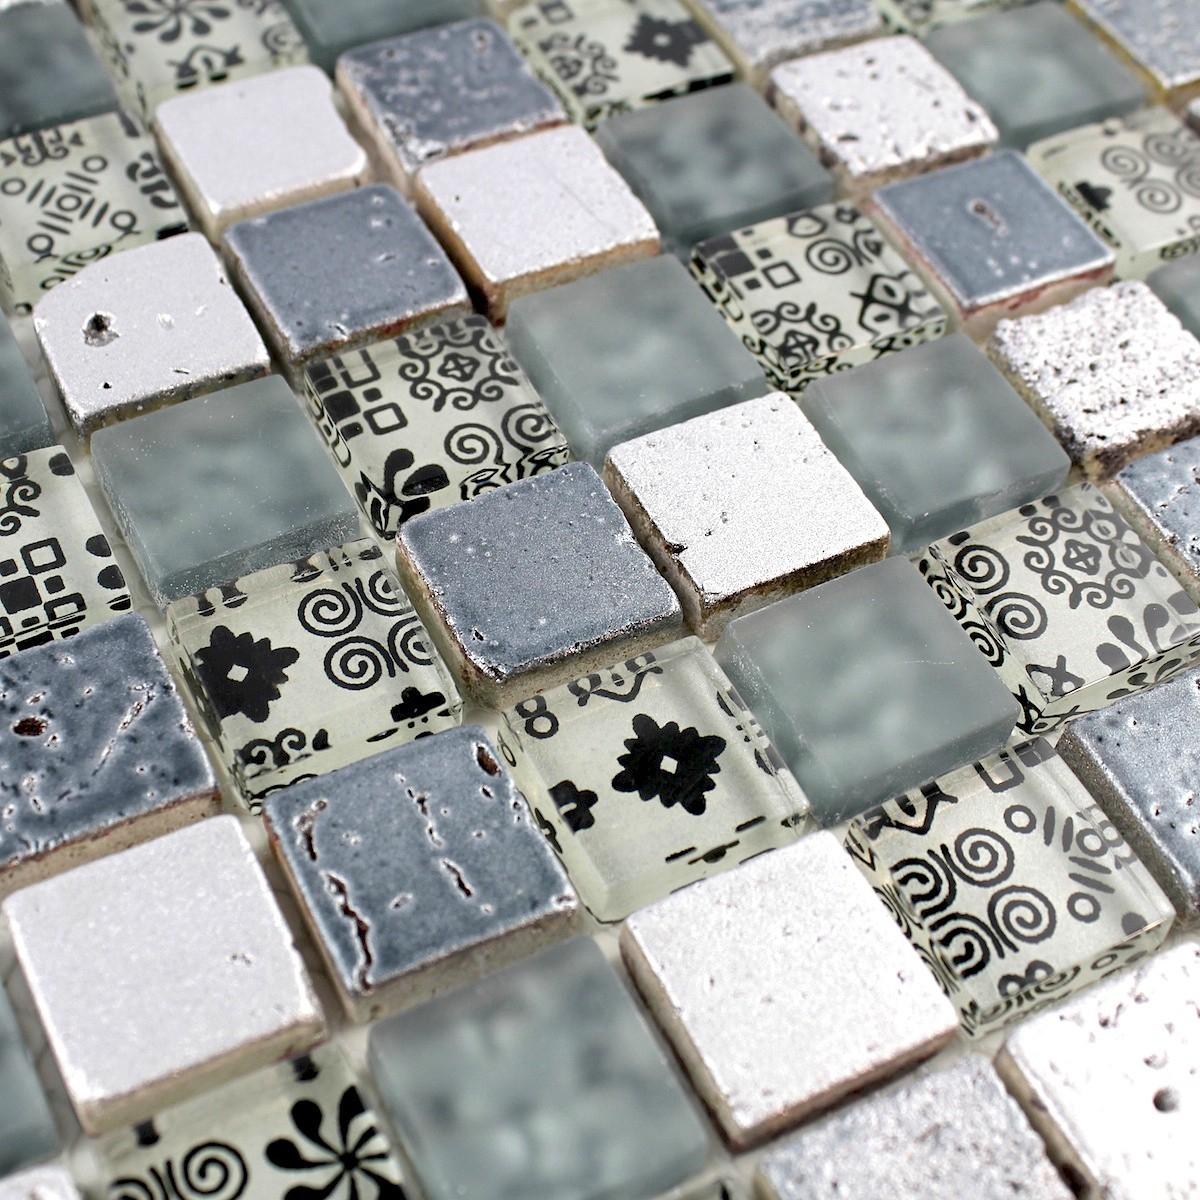 Carrelage Mosaique Sol Mosaique Sol Pas Cher Idees Conception Jardin Idees Conception Jardin